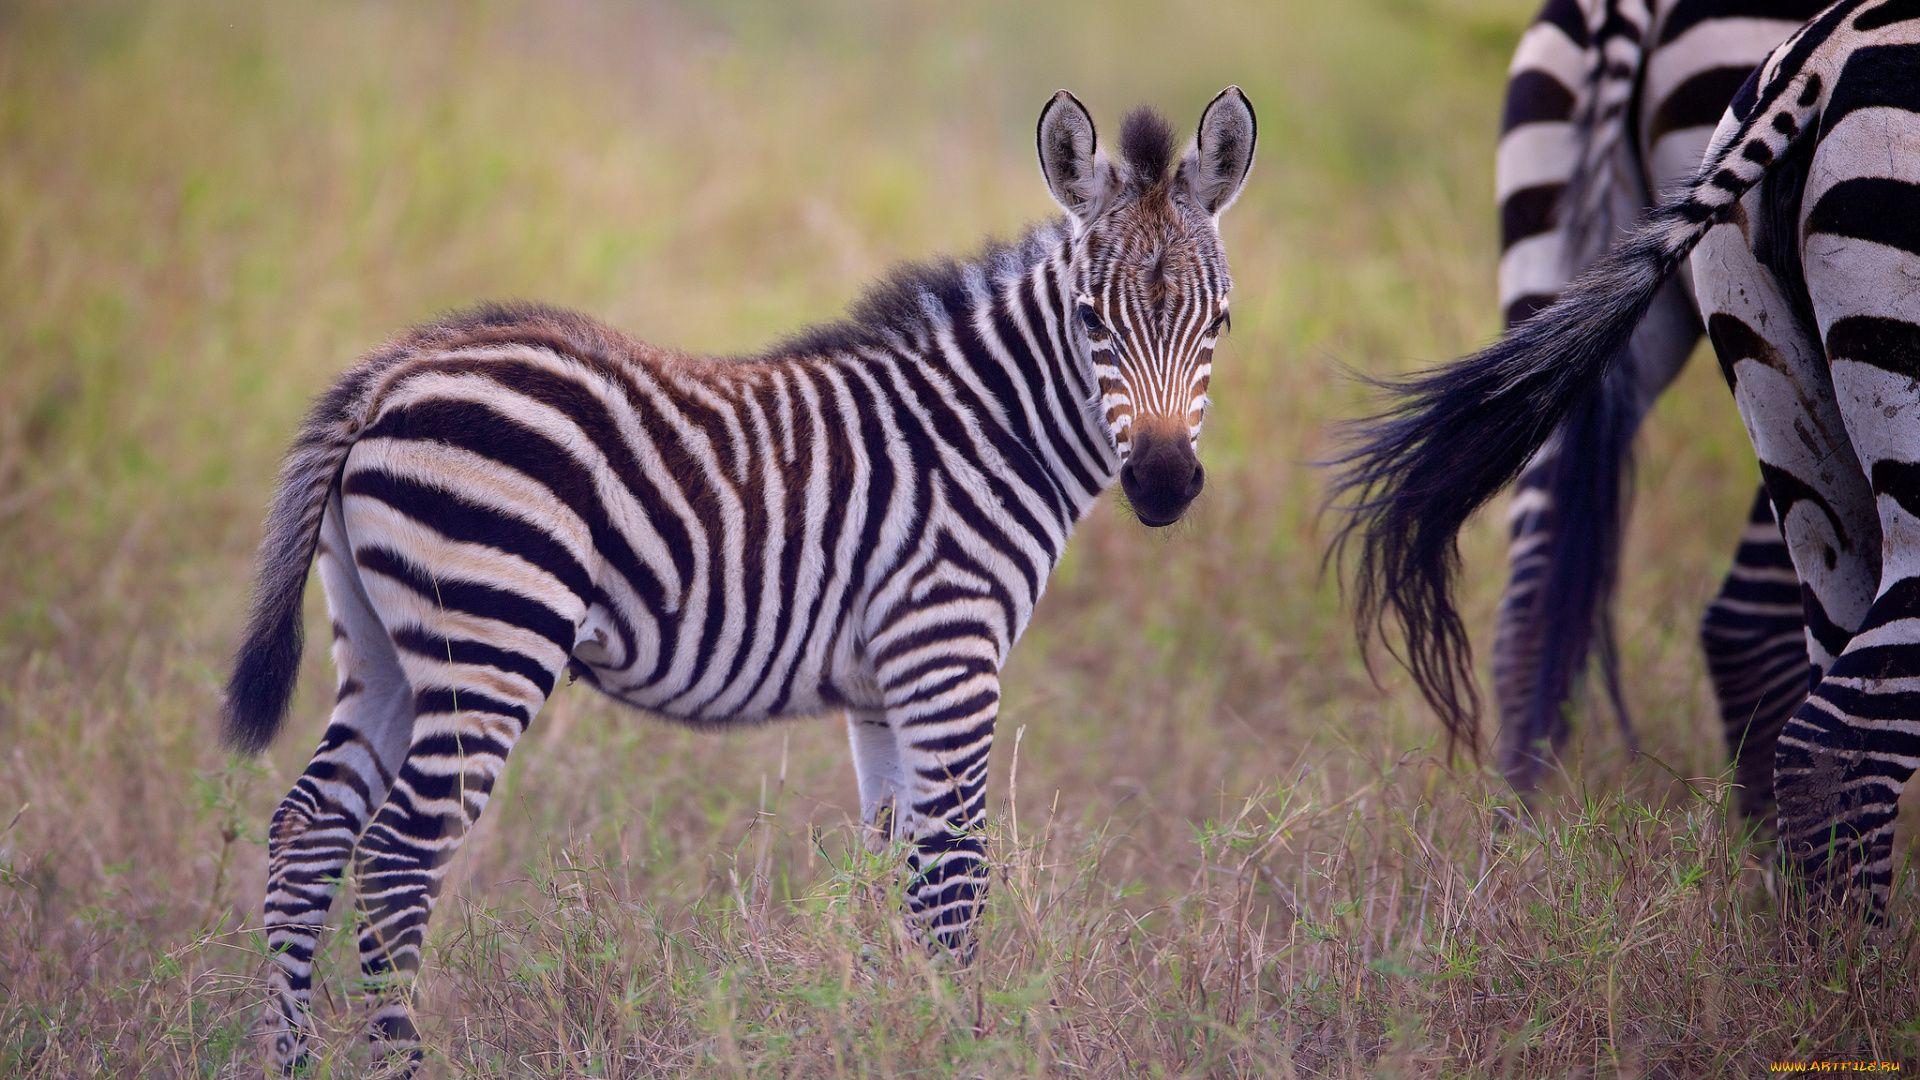 The Zebra Foal